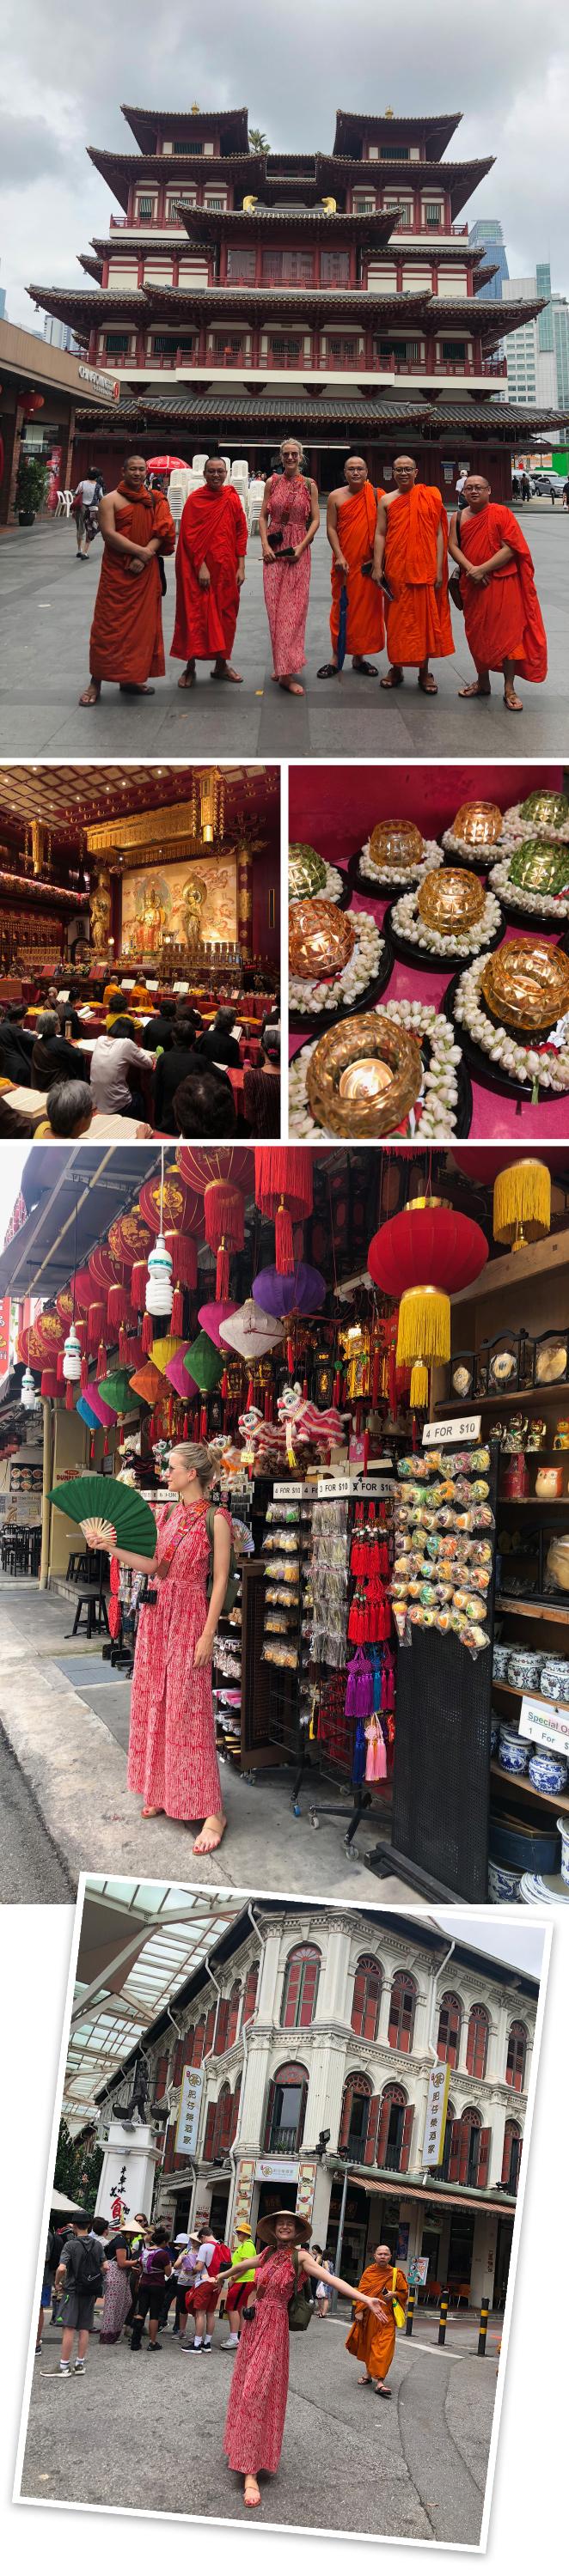 Barrio Chino. Este barrio que tiene gran ambiente y está repleto de tiendas y restaurantes fue fundado por los primeros colonos chinos que llegaron a la ciudad allá por 1821. Aquí no os podéis perder la visita al templo budista famoso por acoger uno diente que perteneció a Buda.